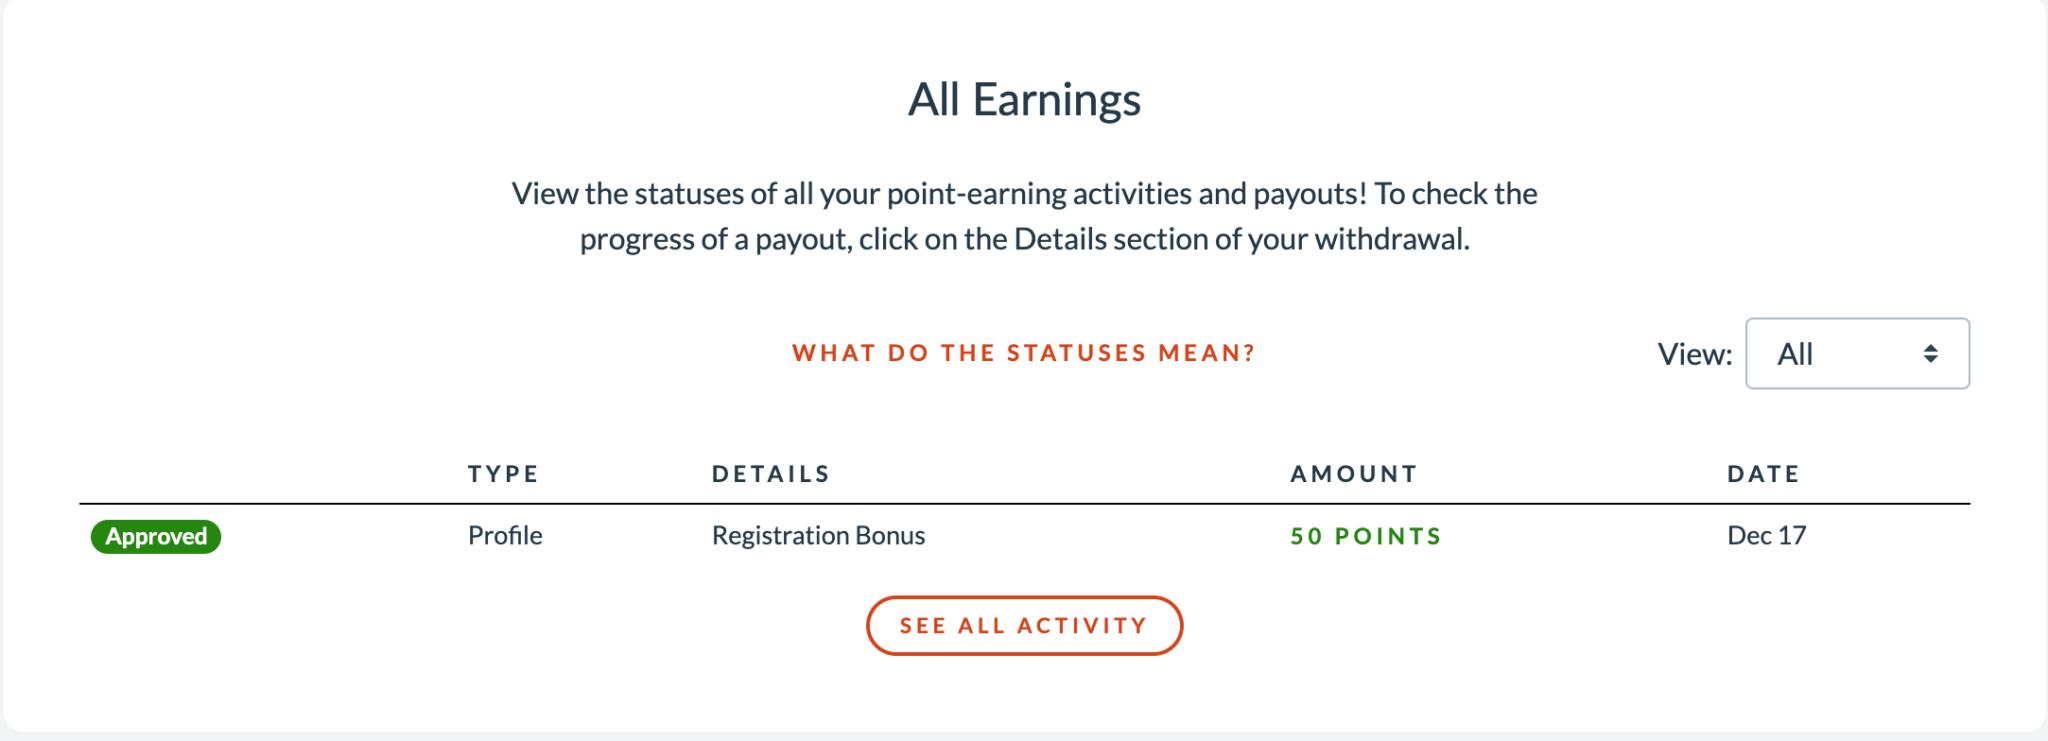 Branded Surveys Earnings